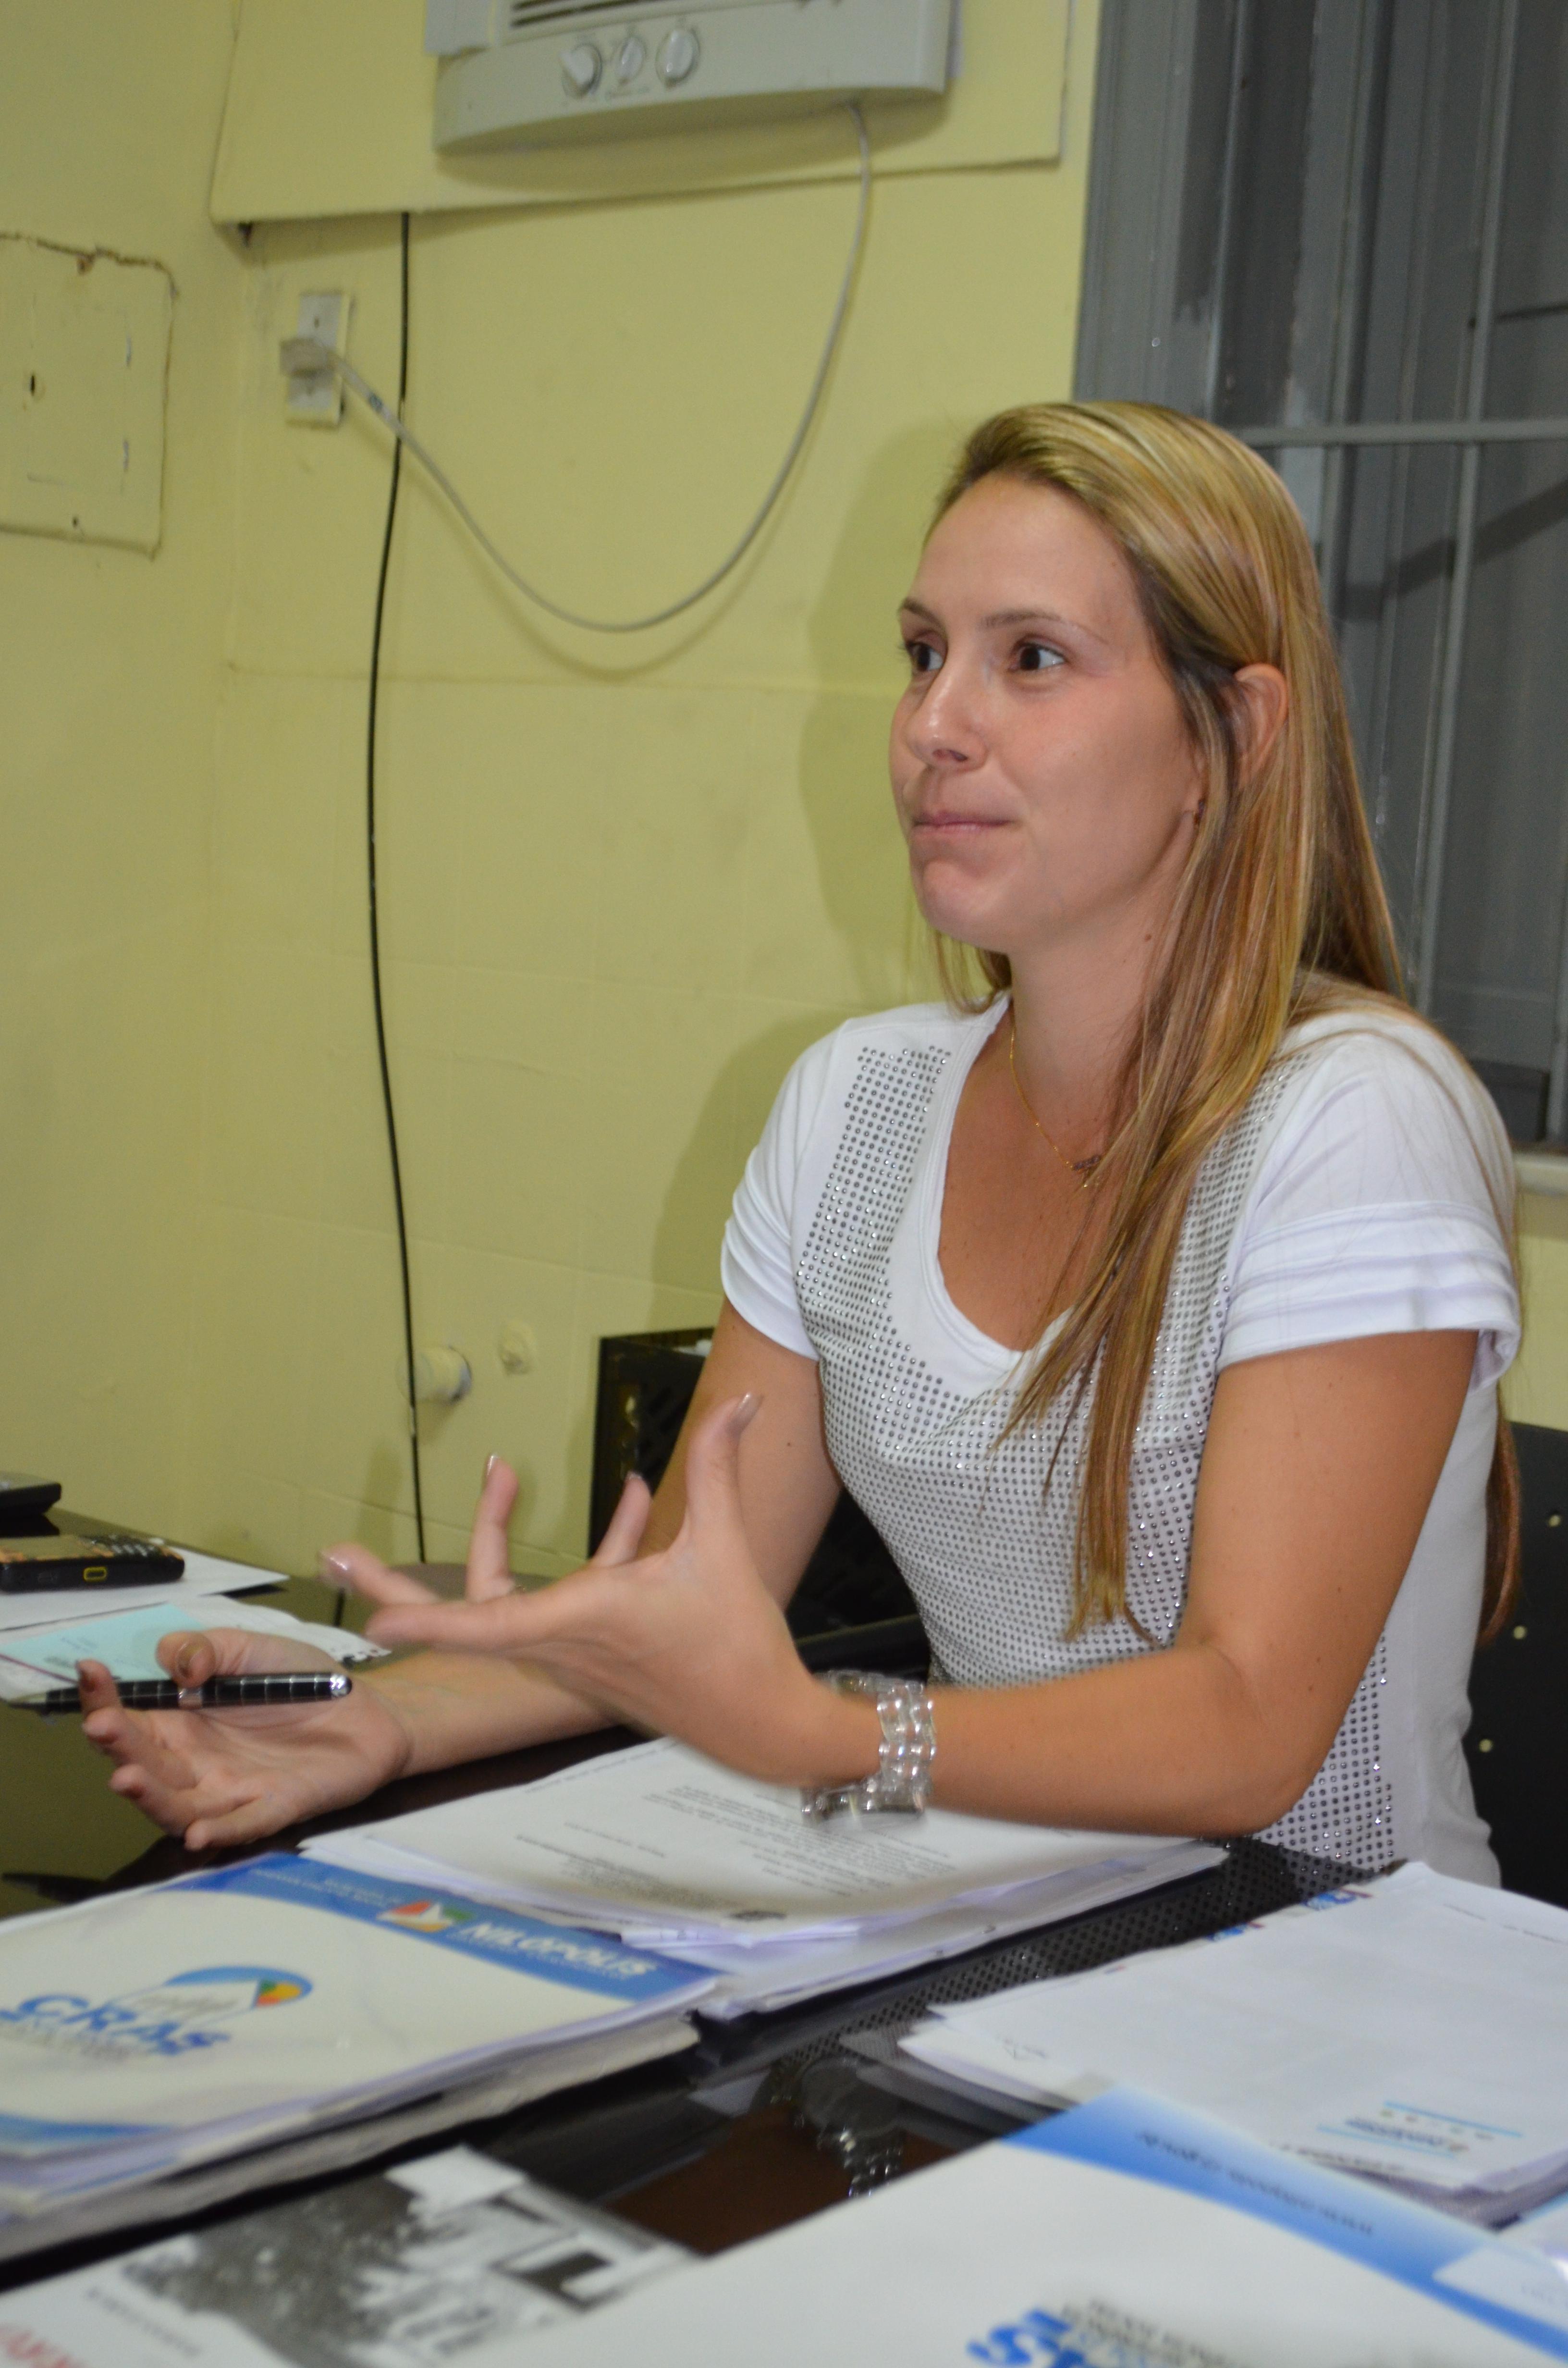 Procurava Mulheres Casadas Em Nilopolis Anúncio